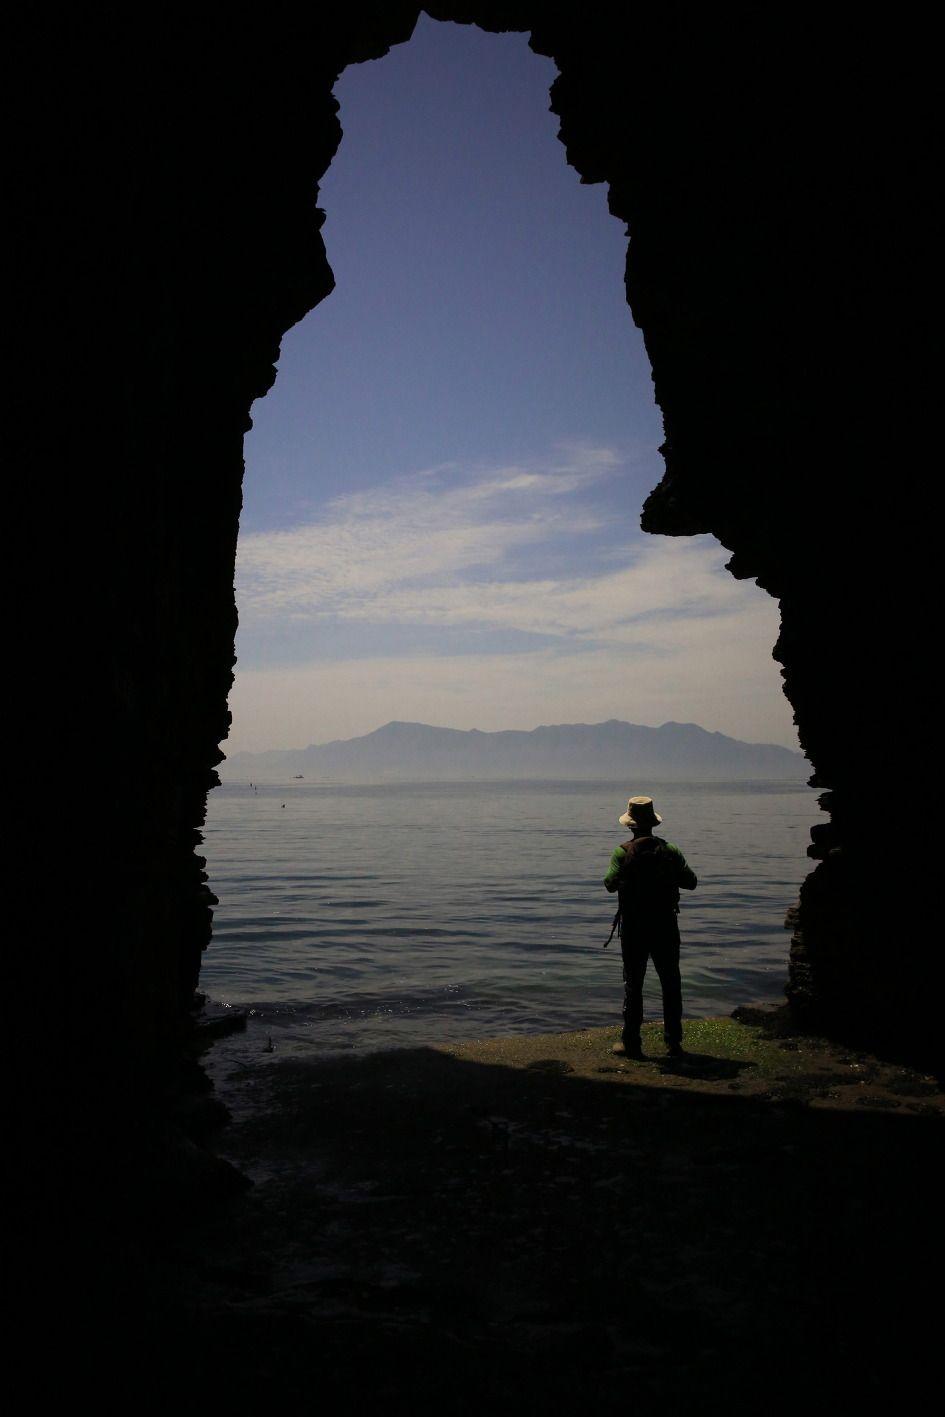 바다동굴 - Google 검색